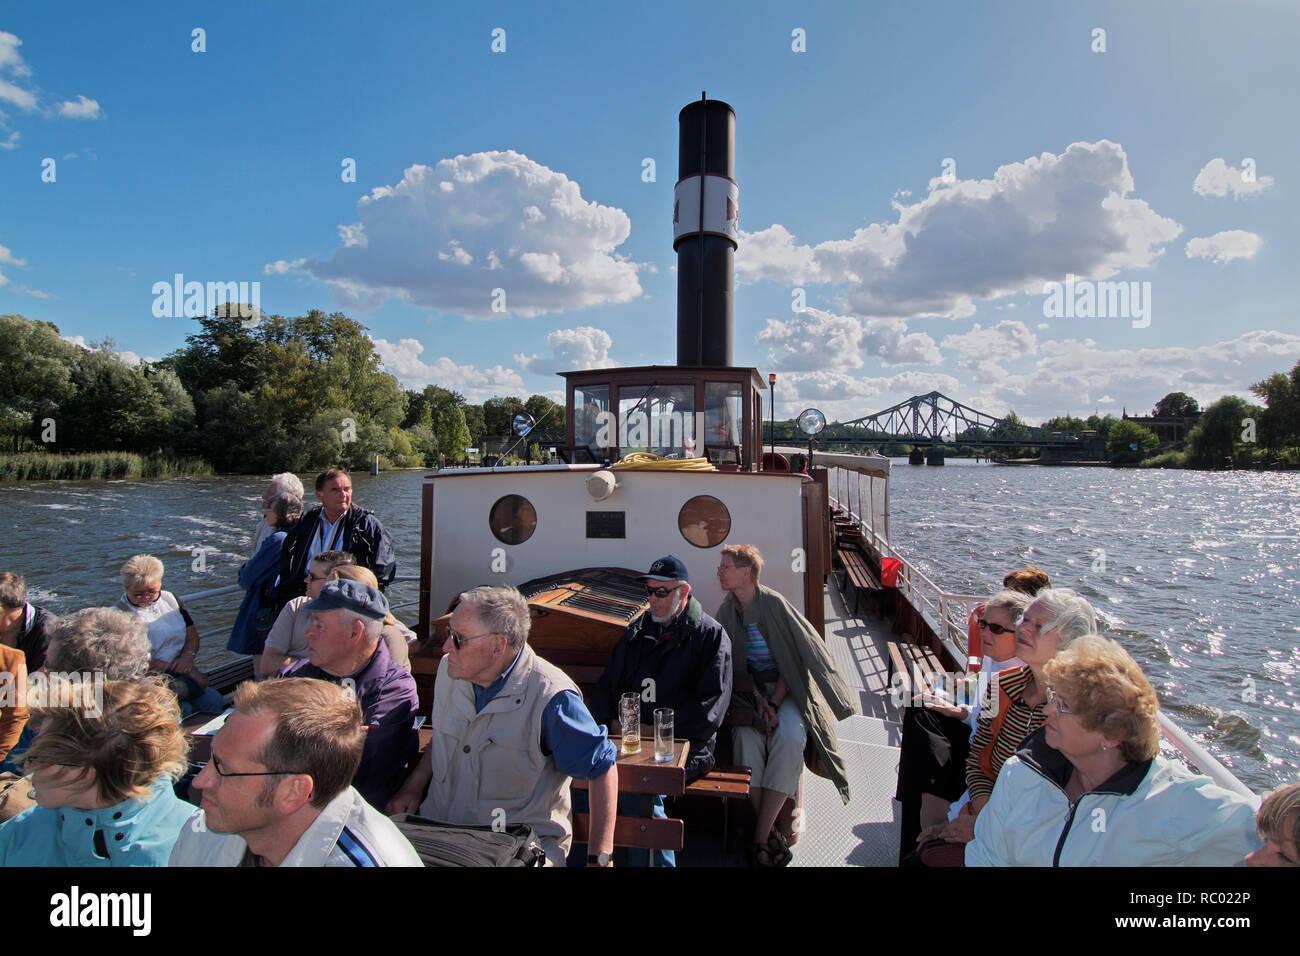 historisches Dampfschiff 'Gustav' auf der Havel, HG Glienicker Brücke, Verbindung Berlin - Potsdam über die Havel, im 'Kalten Krieg' Agentenaustausch  - Stock Image